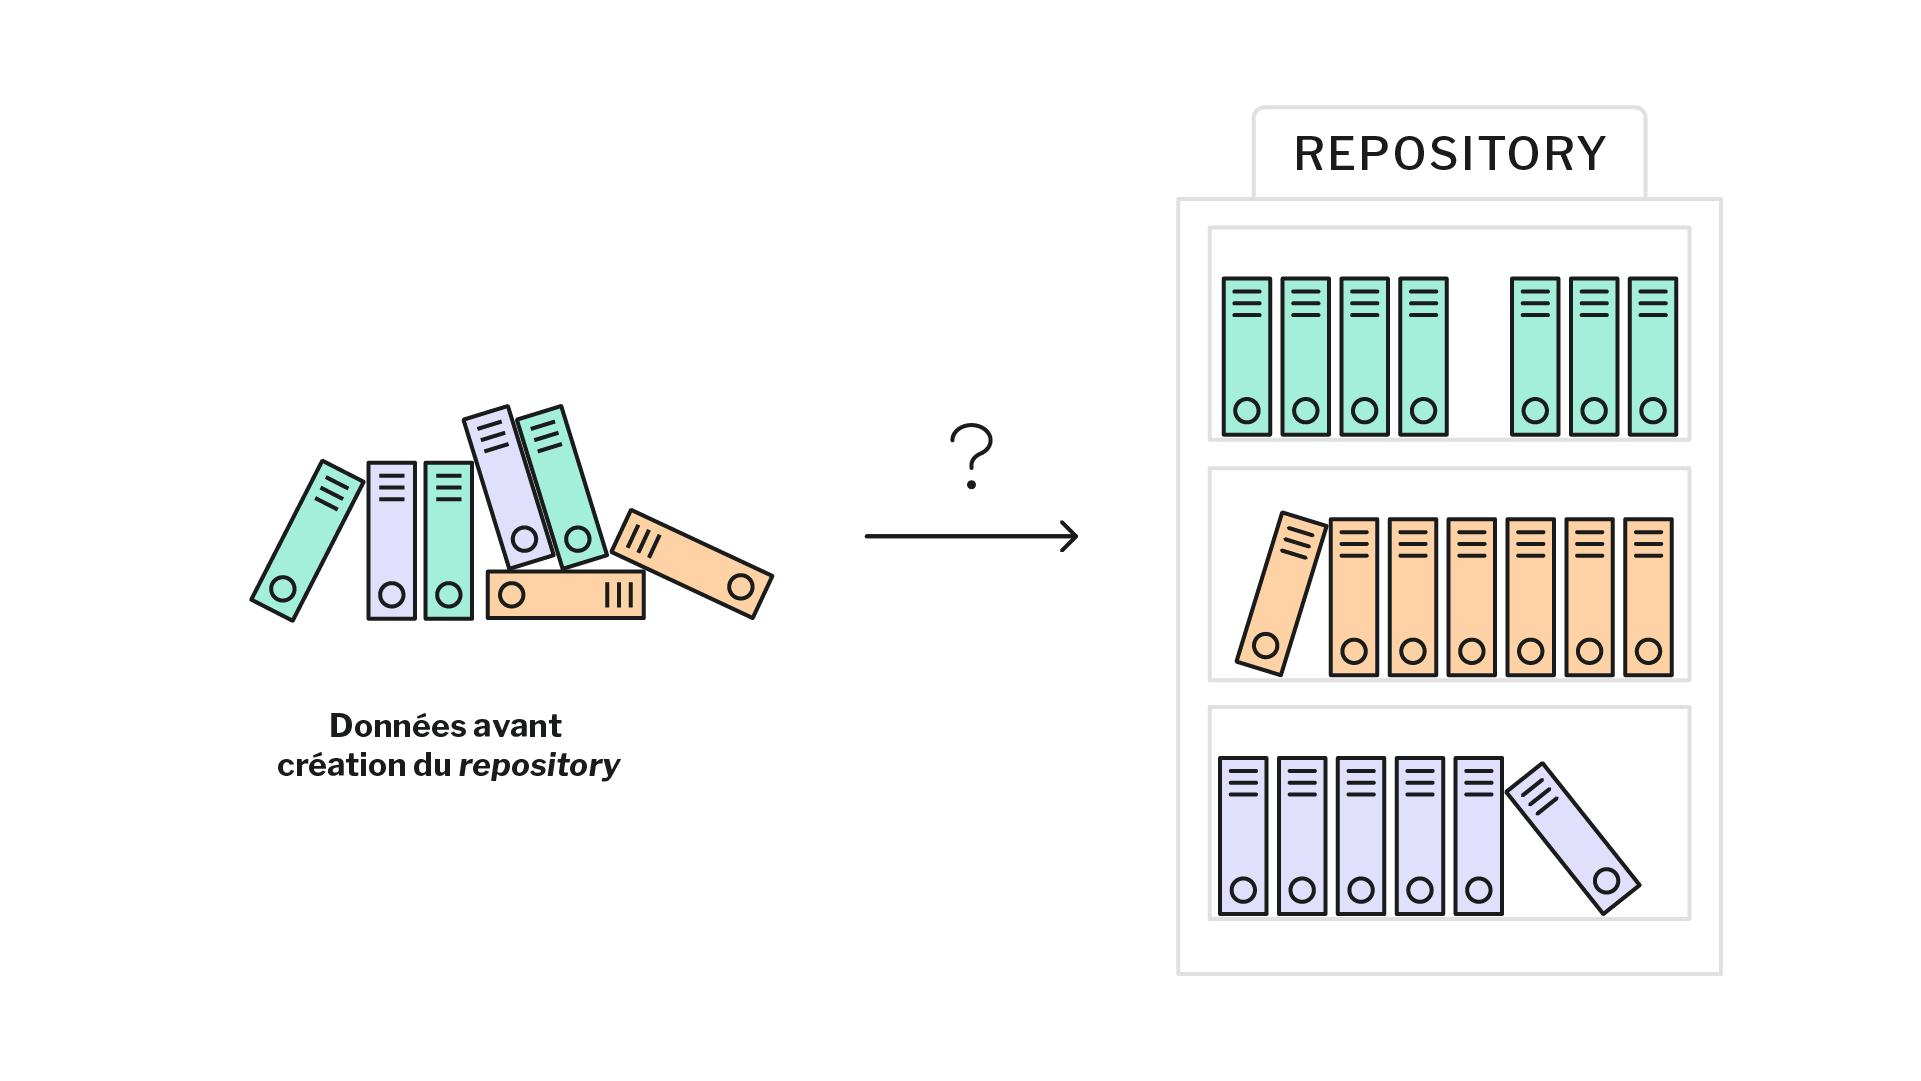 schéma montrant des données anciennes en vrac et des données classées dans un repository